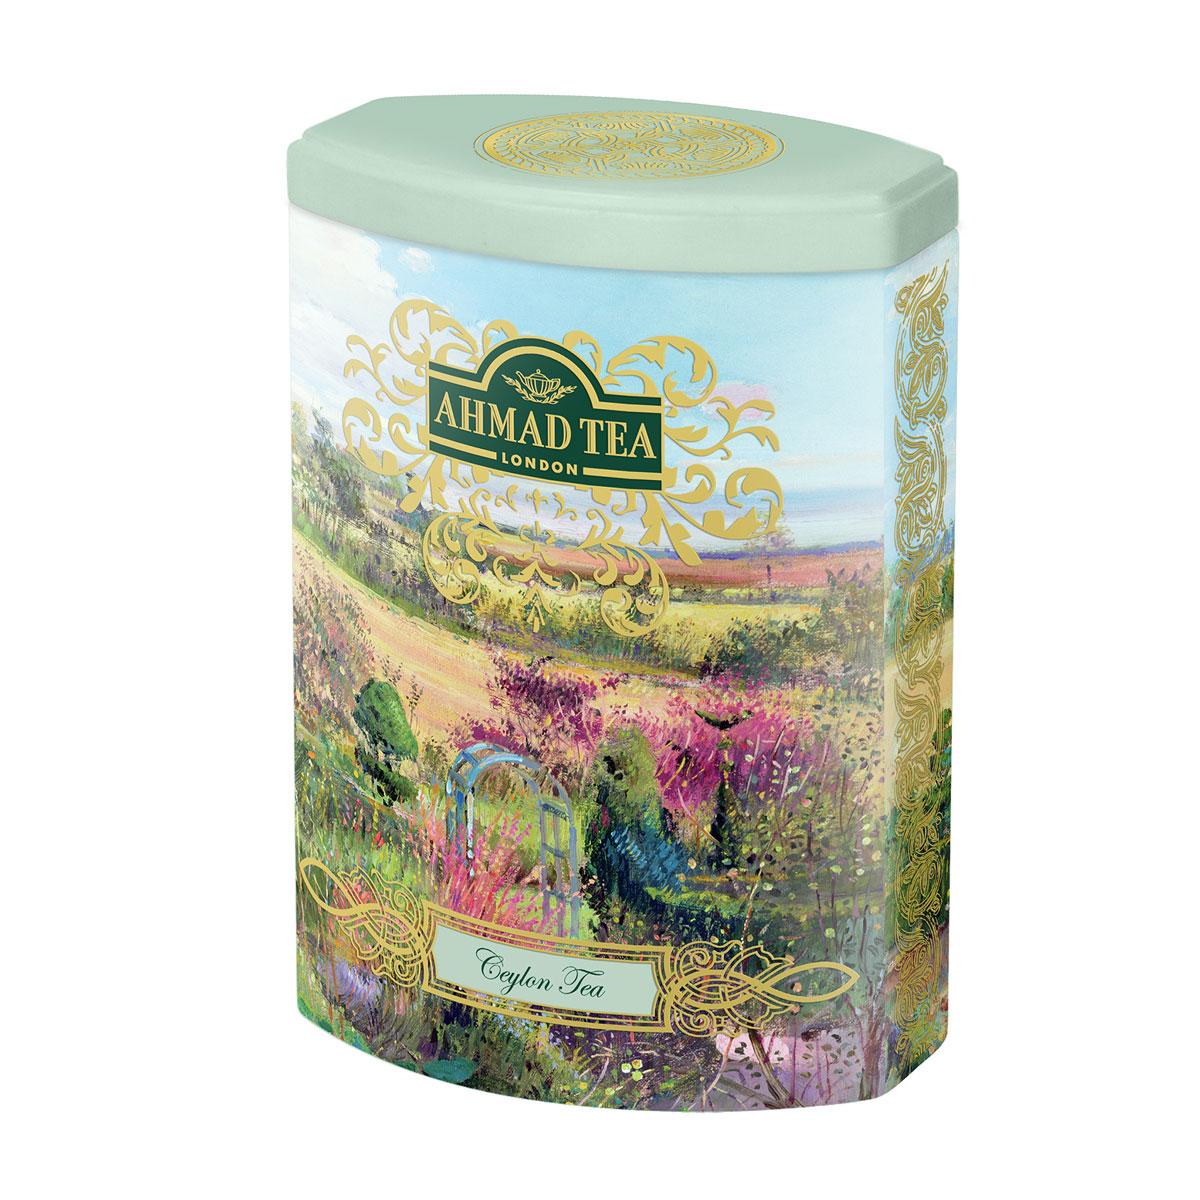 Ahmad Tea Ceylon Tea черный чай, 100 г (жестяная банка)0120710Цейлонский чай из верхних листочков оранж пеко (оранжевая полоса). Англичане традиционно предпочитают безупречное качество, считая его залогом благополучия и стабильности. Смесь верхних листьев высокогорного цейлонского чая в совершенном исполнении Ахмад Ти необычайно богата ароматом, золотистым цветом и характерным вкусом. Хорошо сочетается с лимоном.